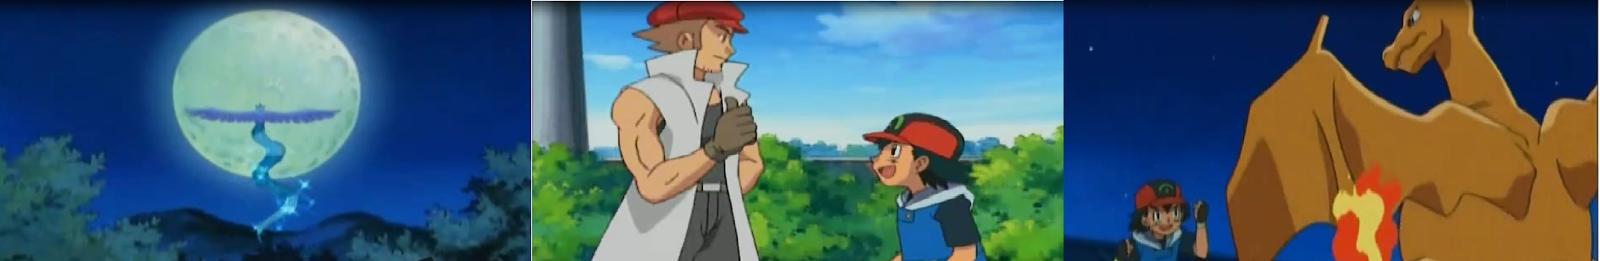 Pokémon -  Capítulo 42 - Temporada 8 - Audio Latino